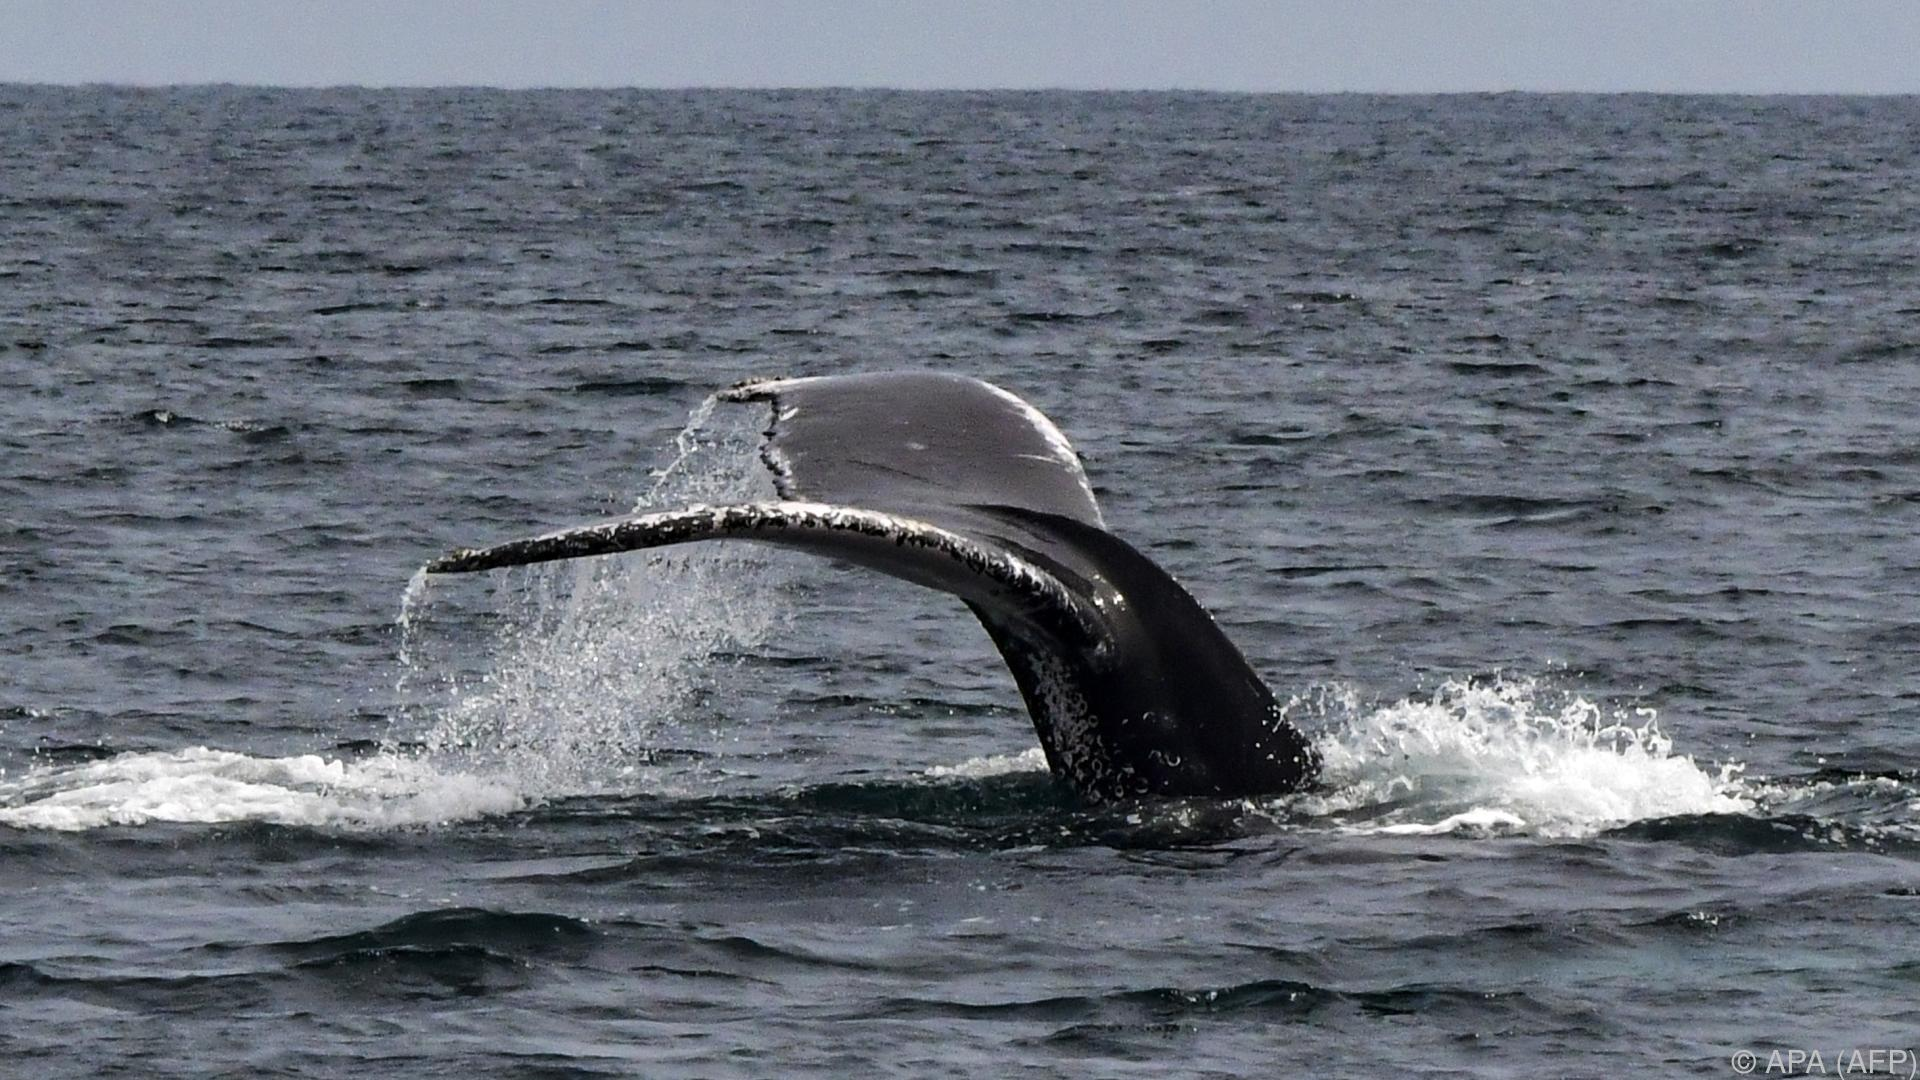 Netze aus Blasen: Neue Videoaufnahmen zeigen Buckelwale bei der Jagd